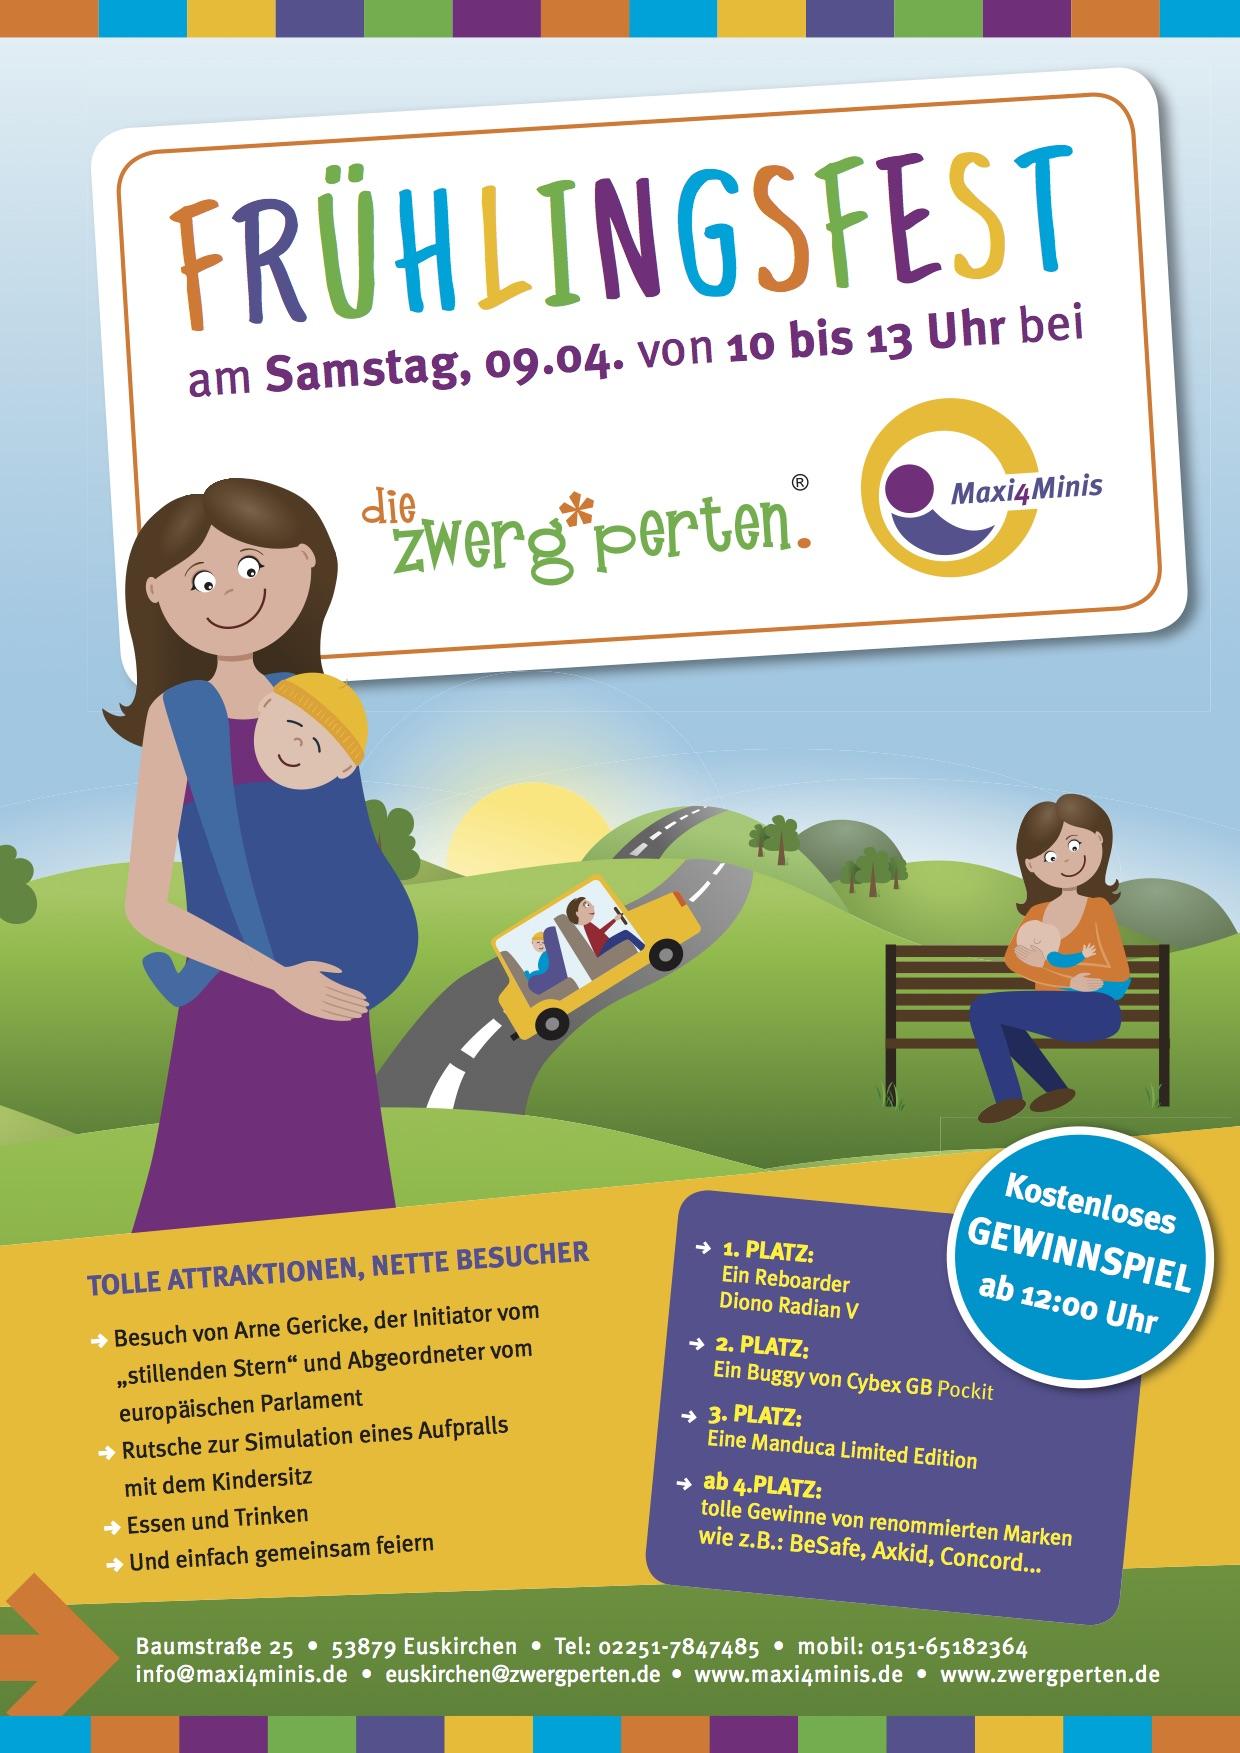 Frühlingsfest in Euskirchen am 9. April mit Verlosung